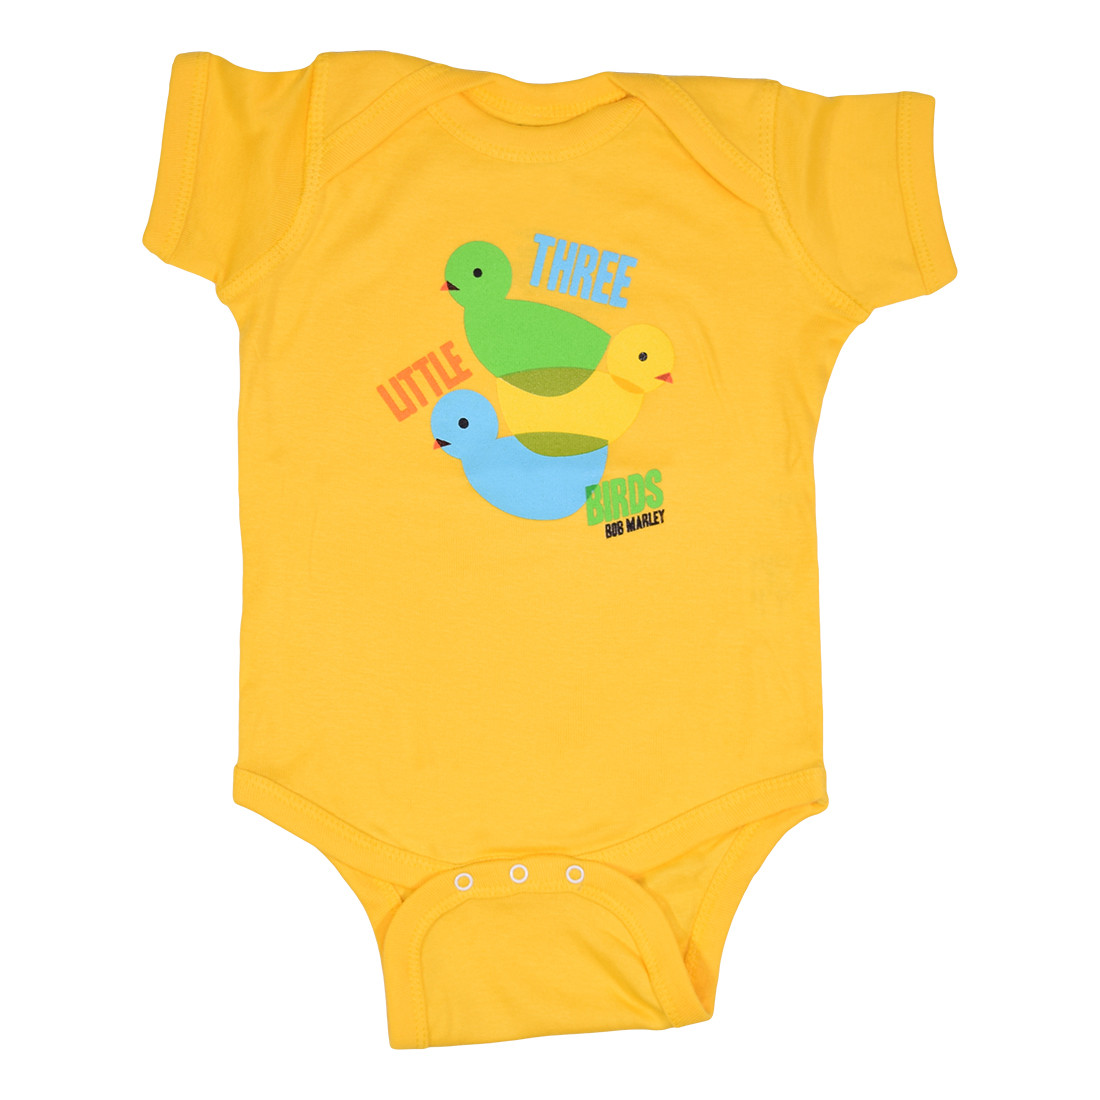 Marley 3 Lil' Birds Yellow Onesie